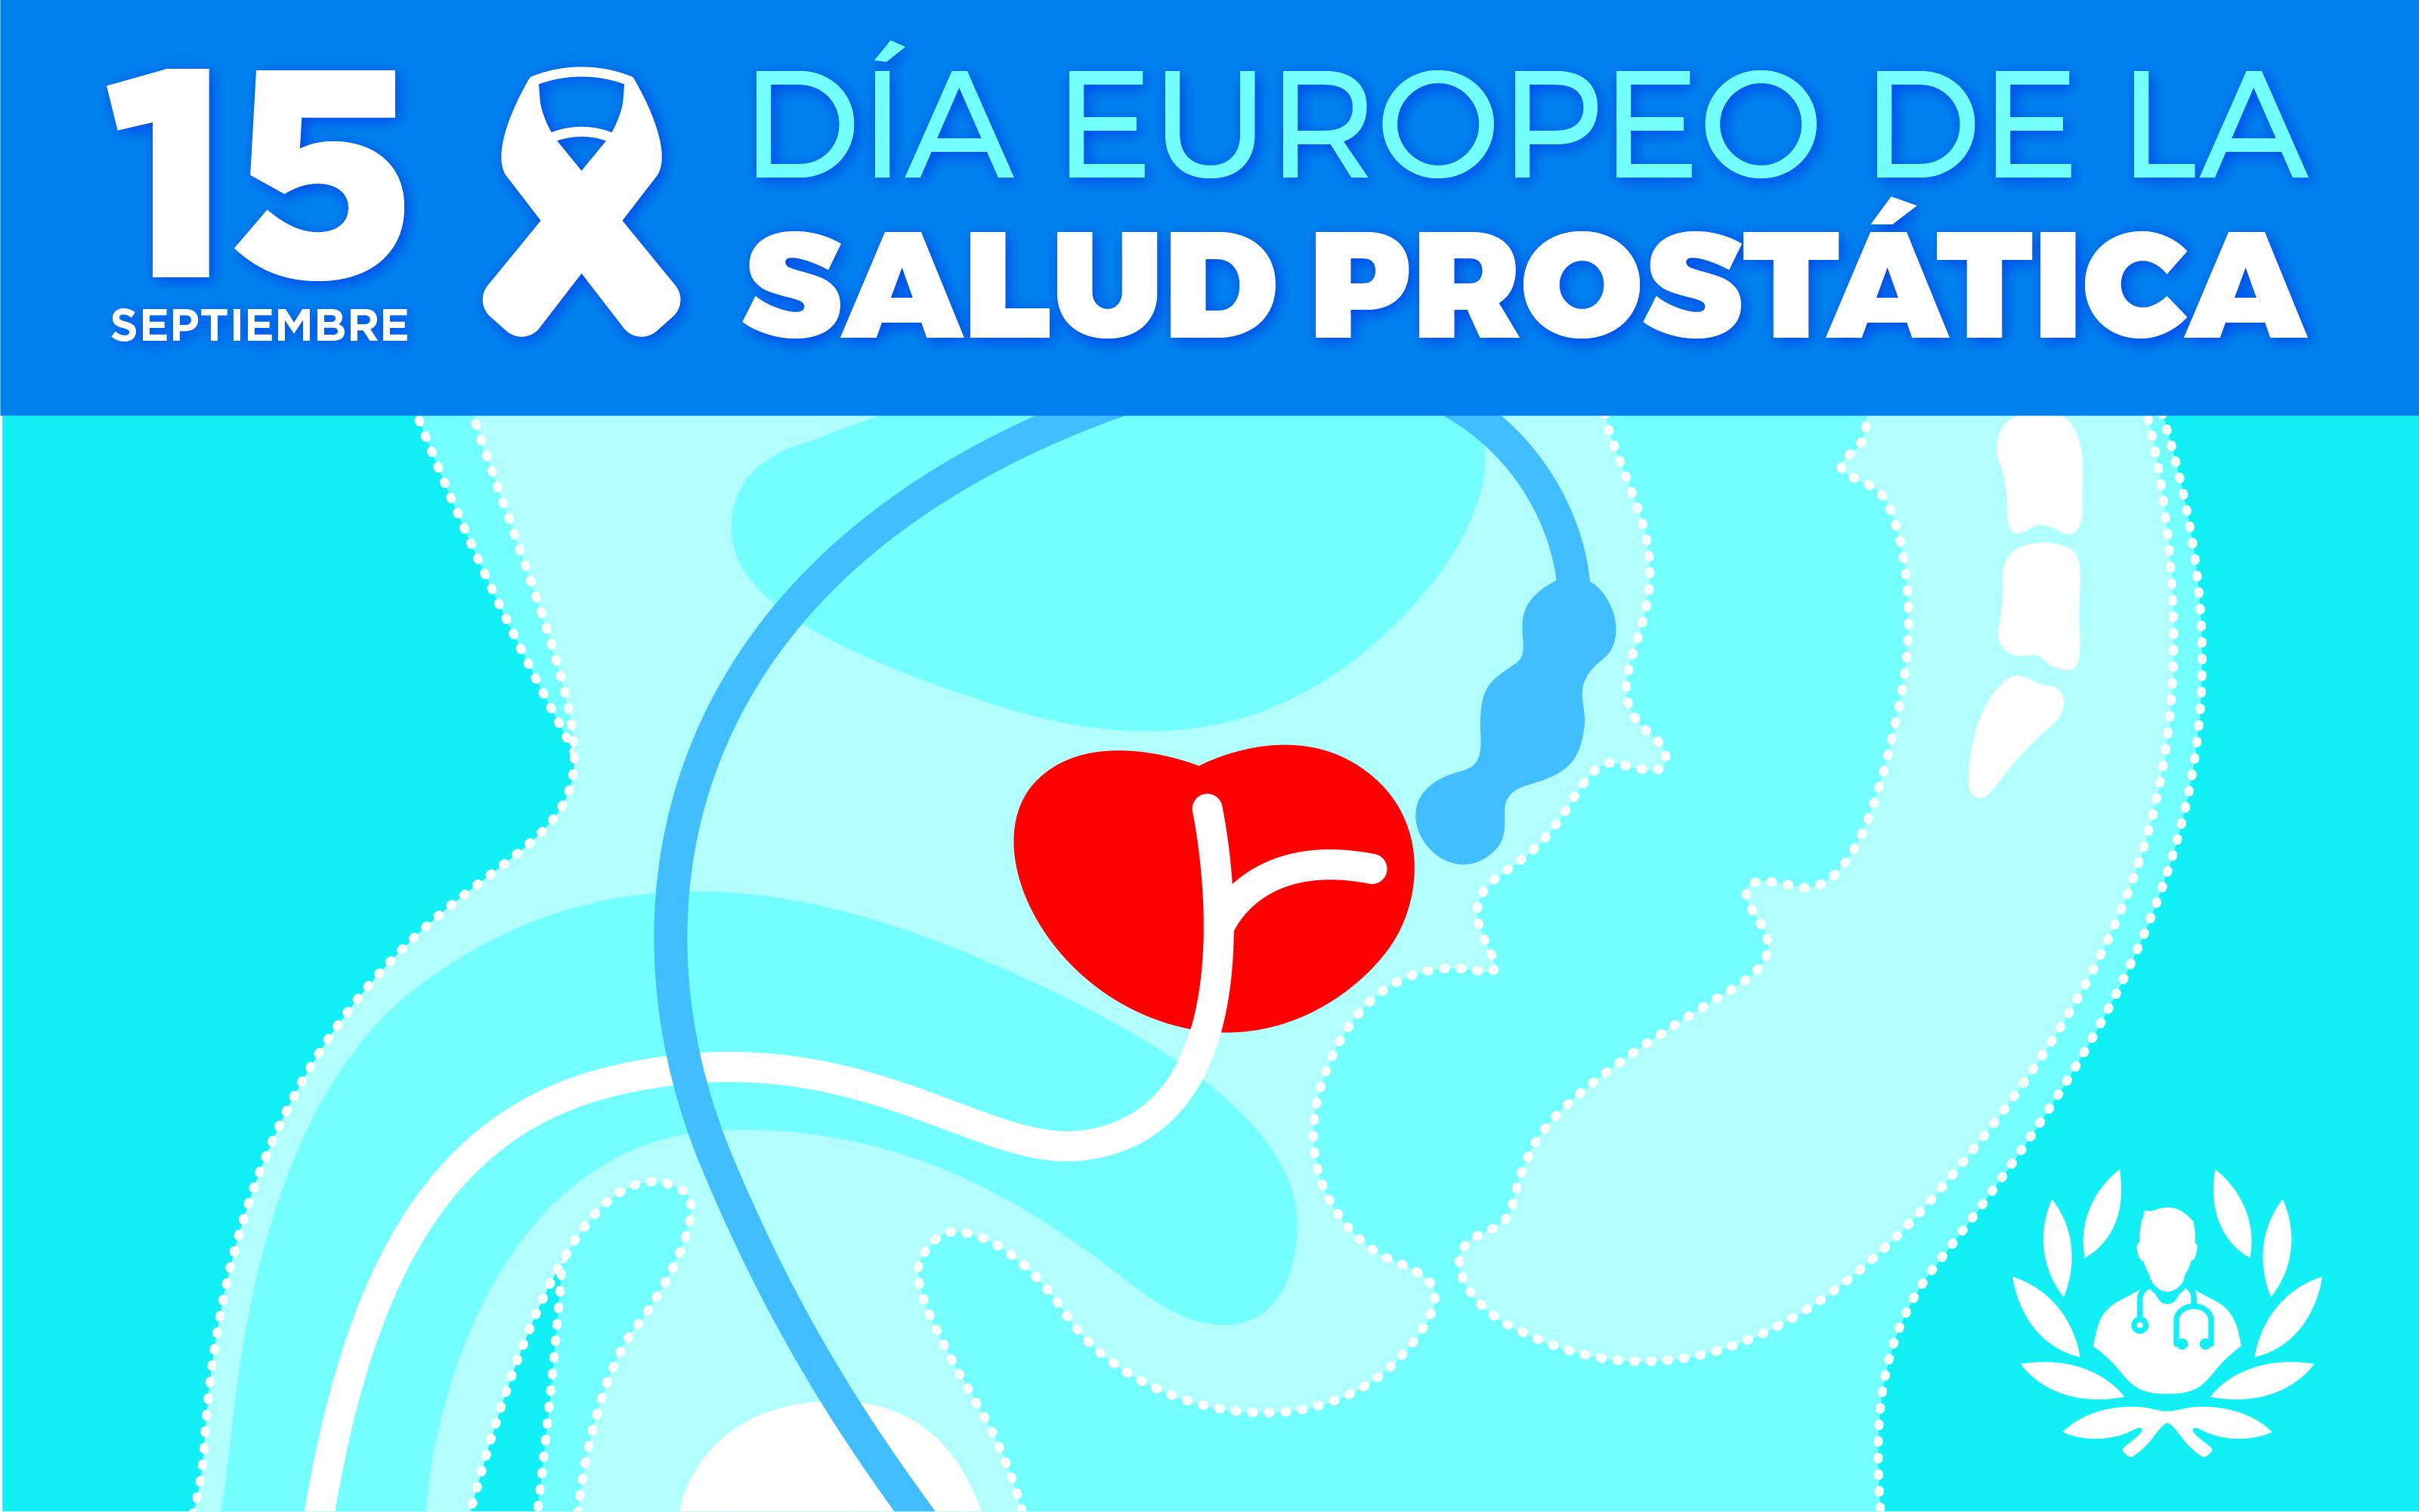 prevenir la prostatitis